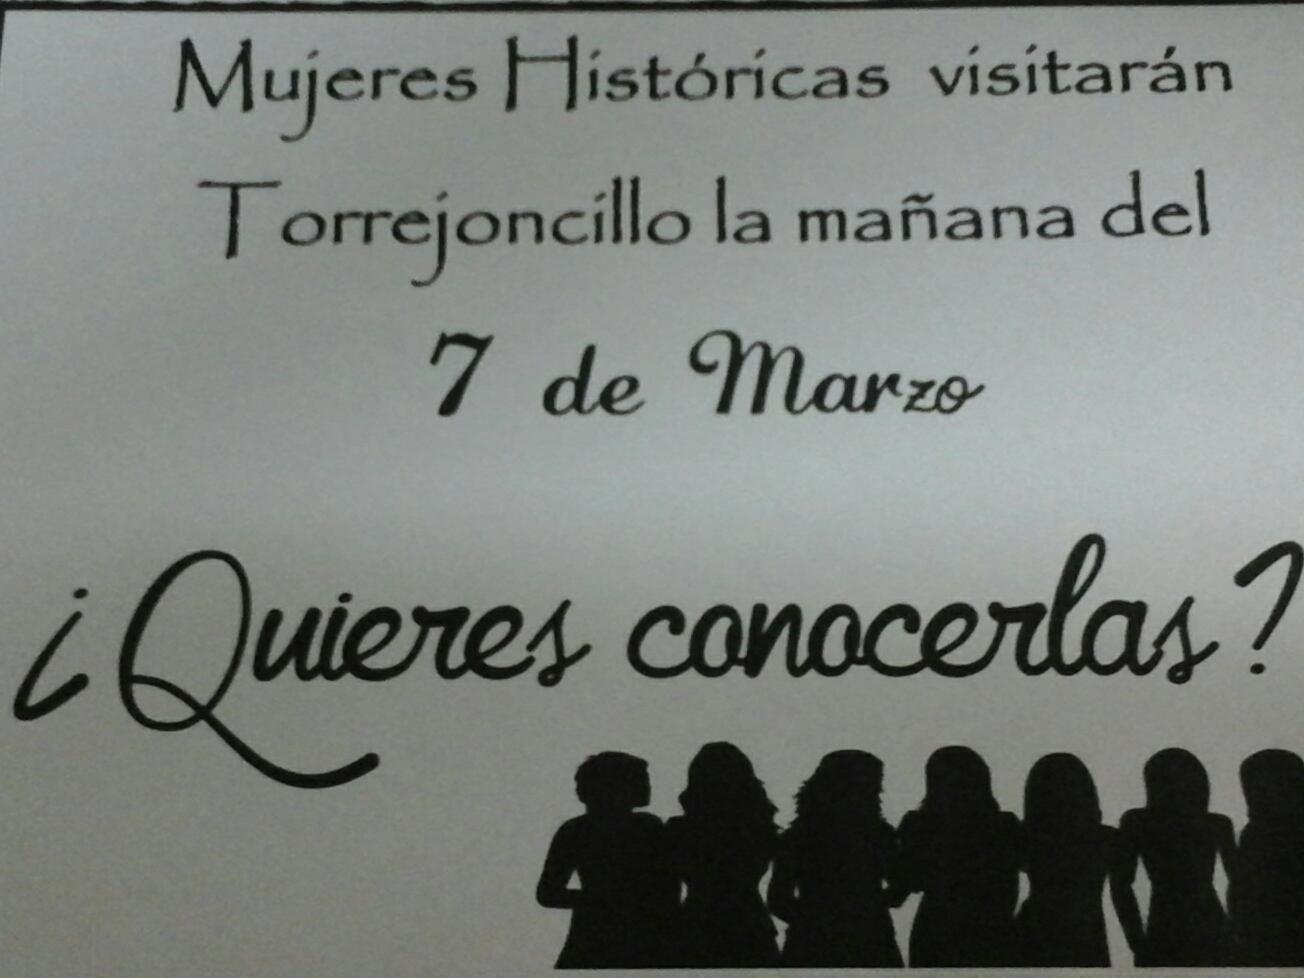 Mujeres históricas visitarán Torrejoncillo